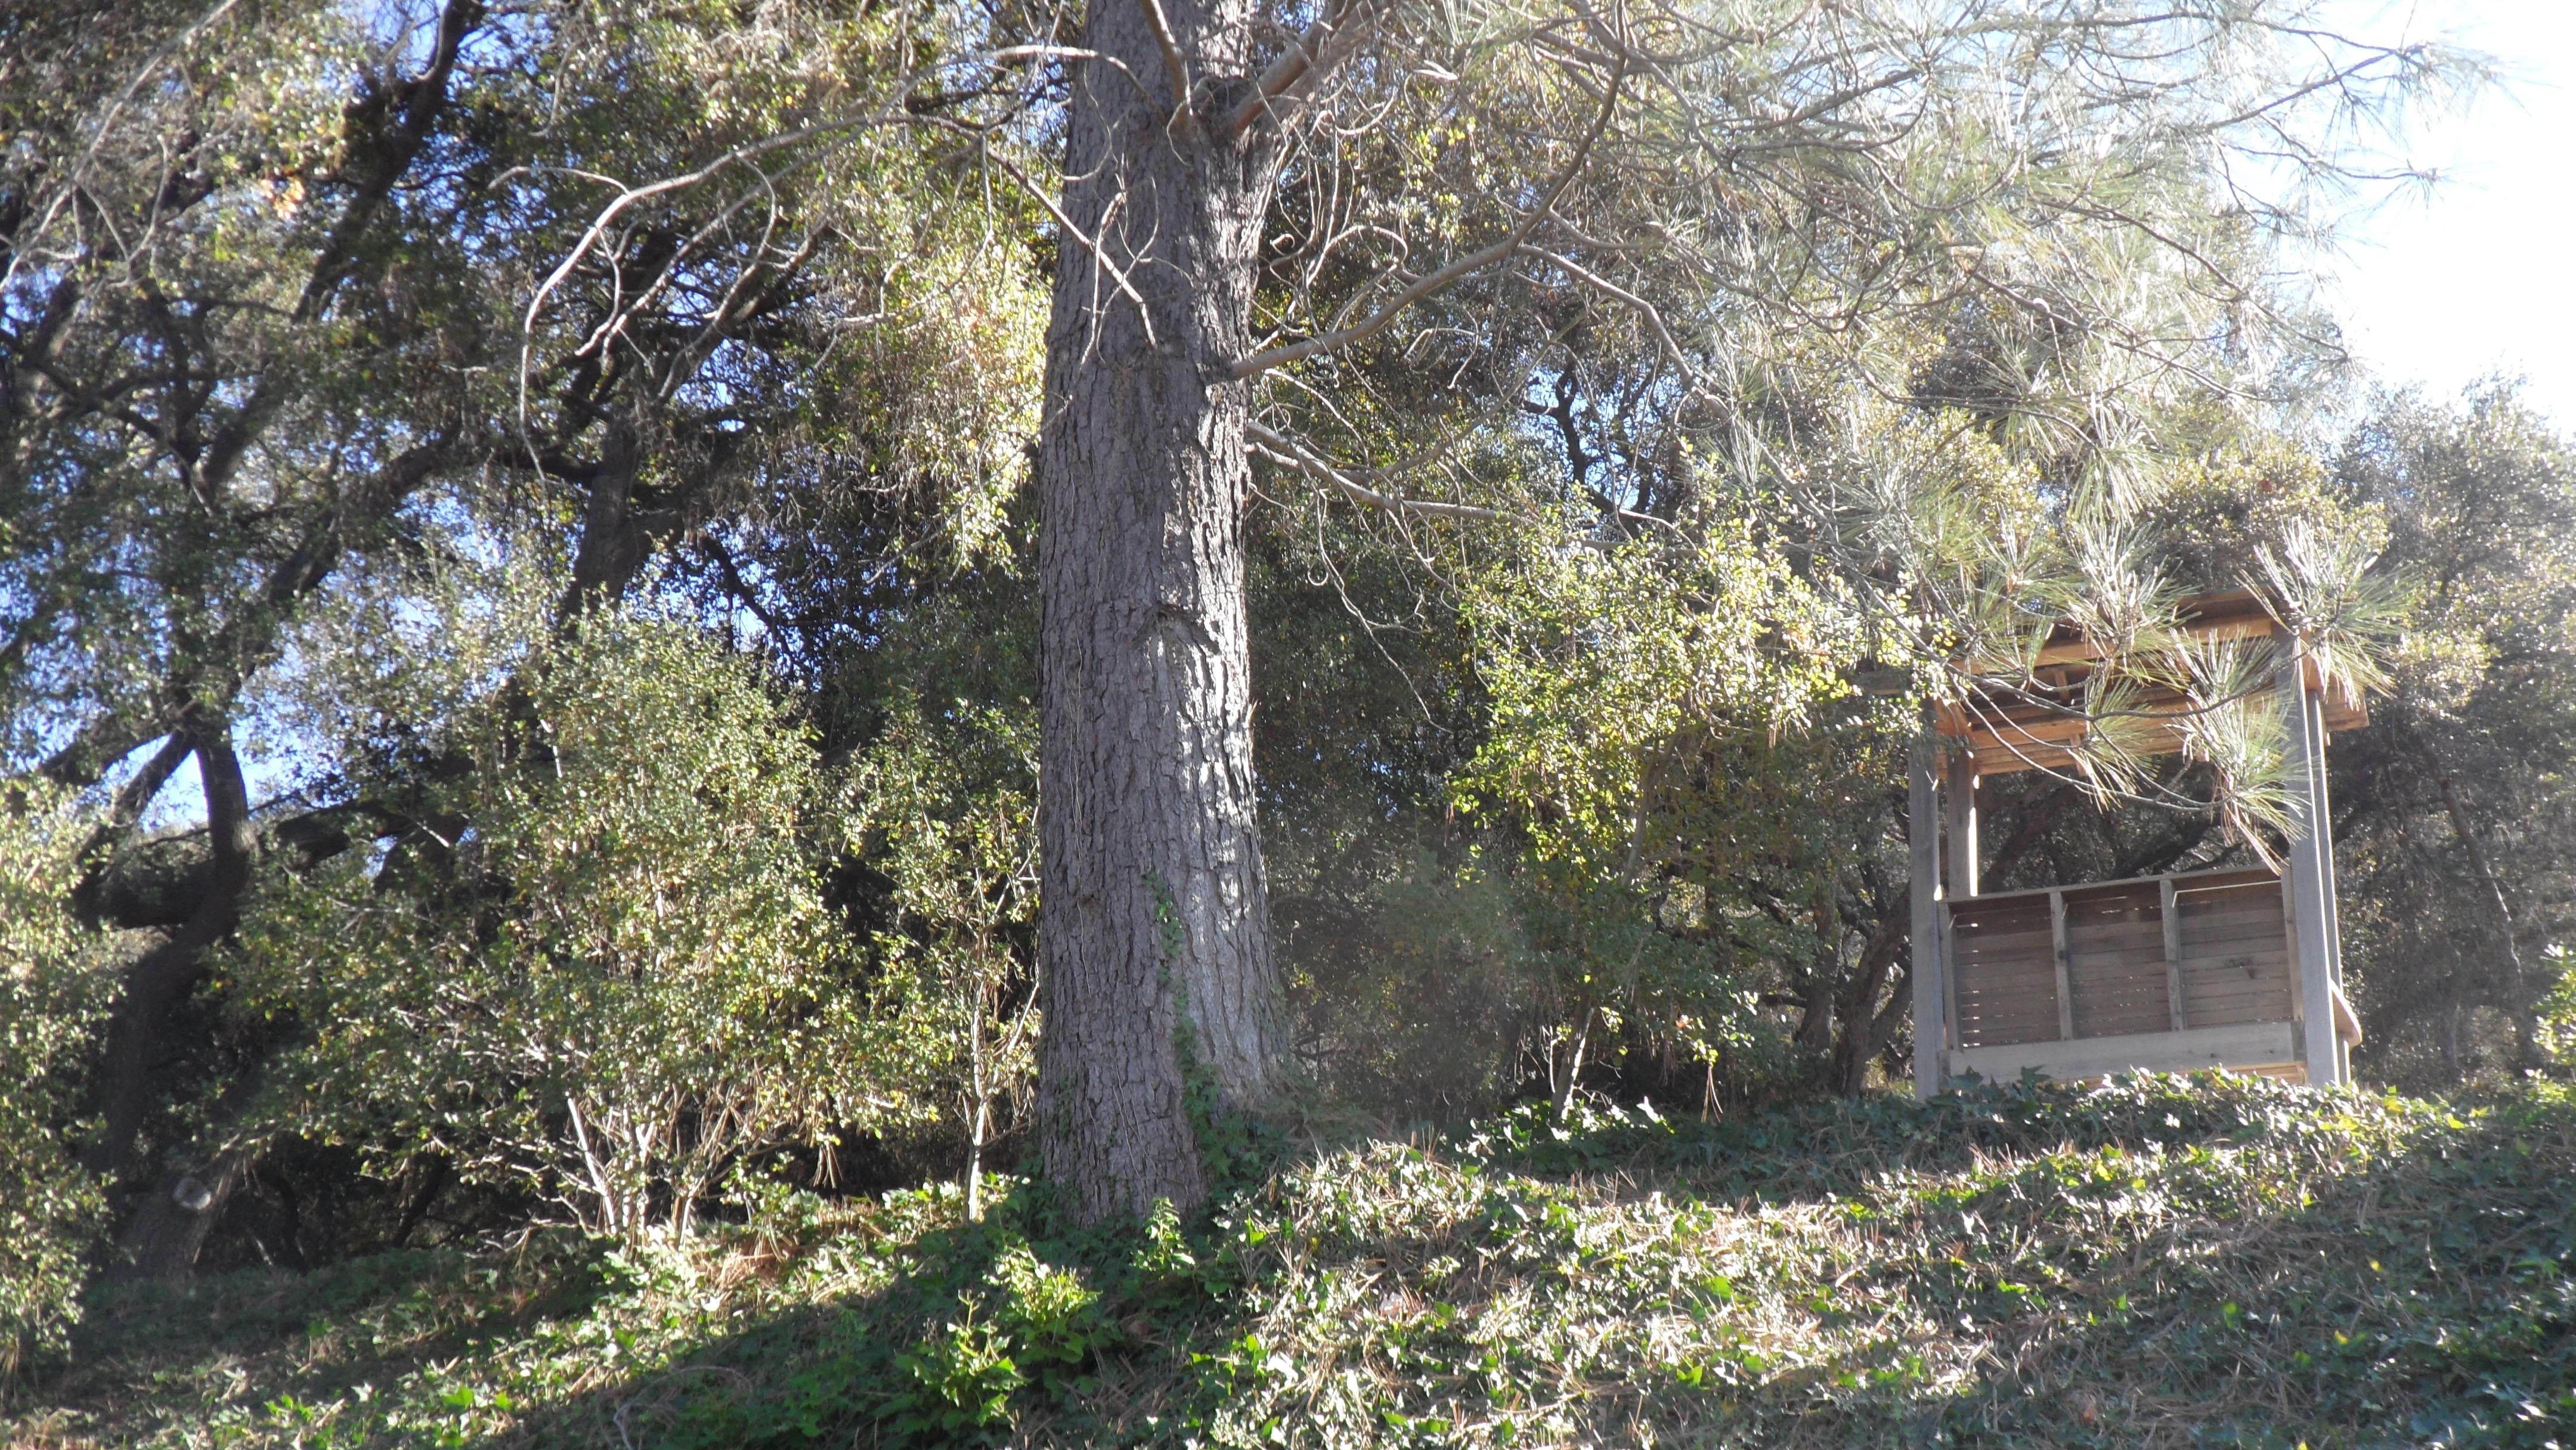 Golden Door Spa: Secret Gardens & Meeting Deborah Szekely